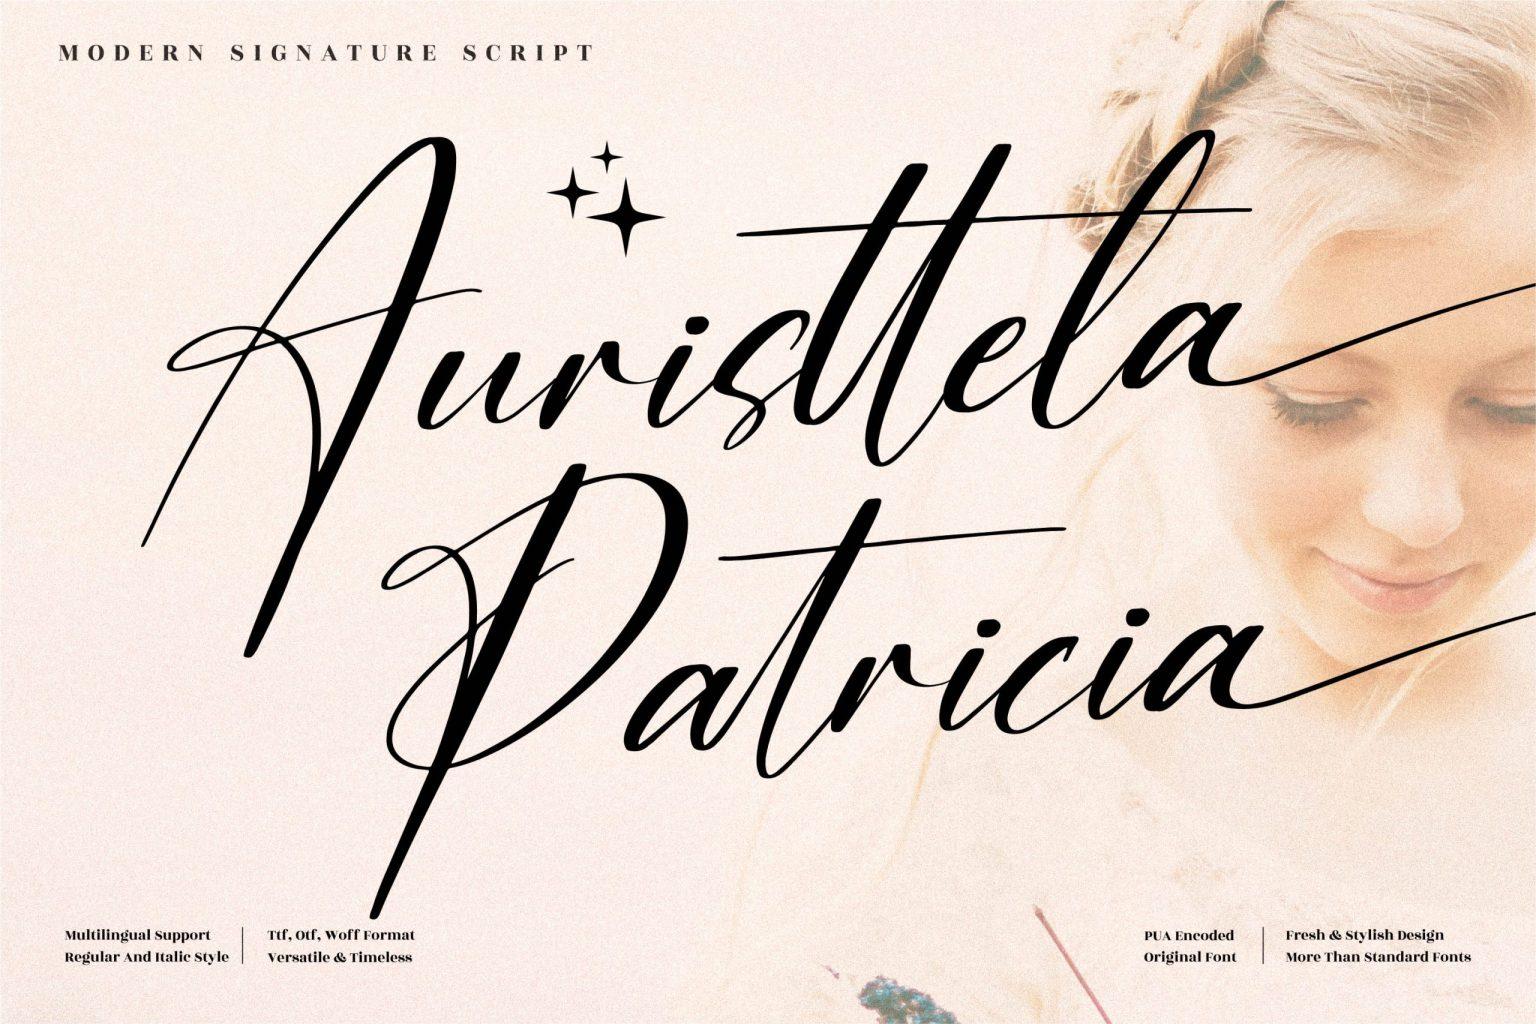 Auristtela Patricia Script Font